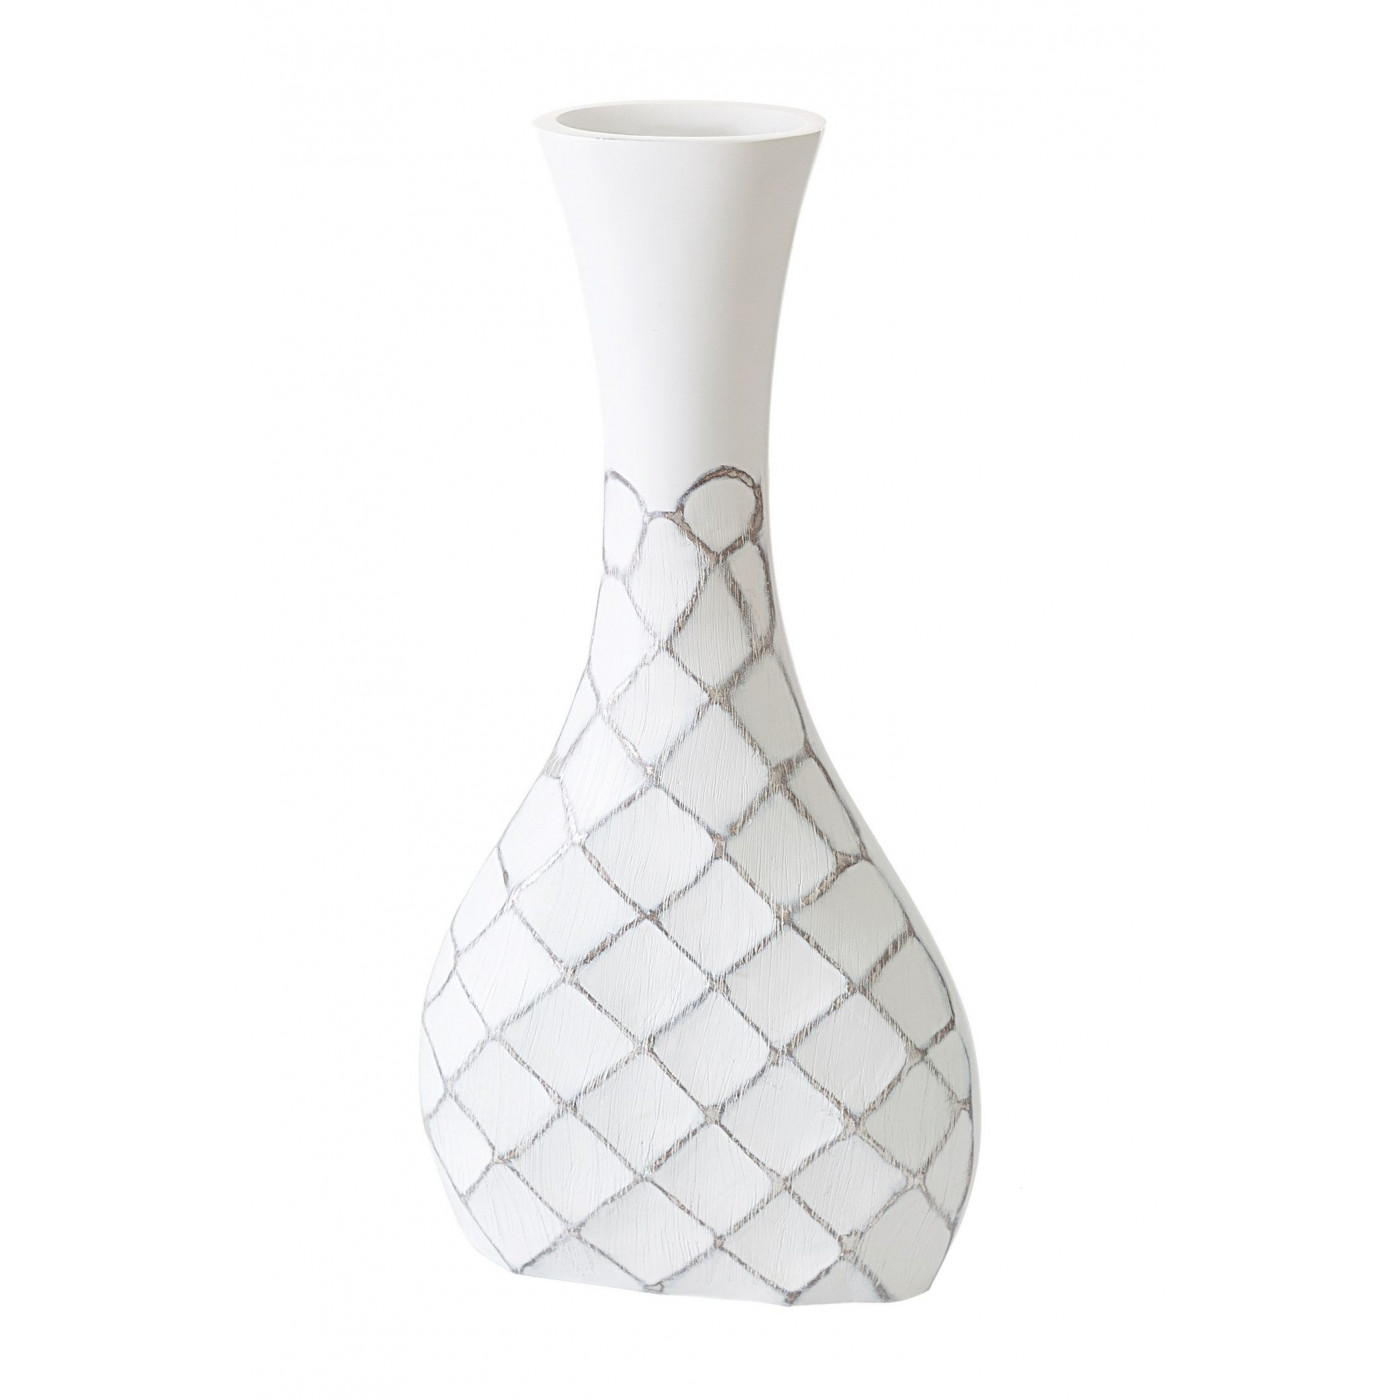 Wazon ceramiczny żłobiony z przetarciami 54 cm